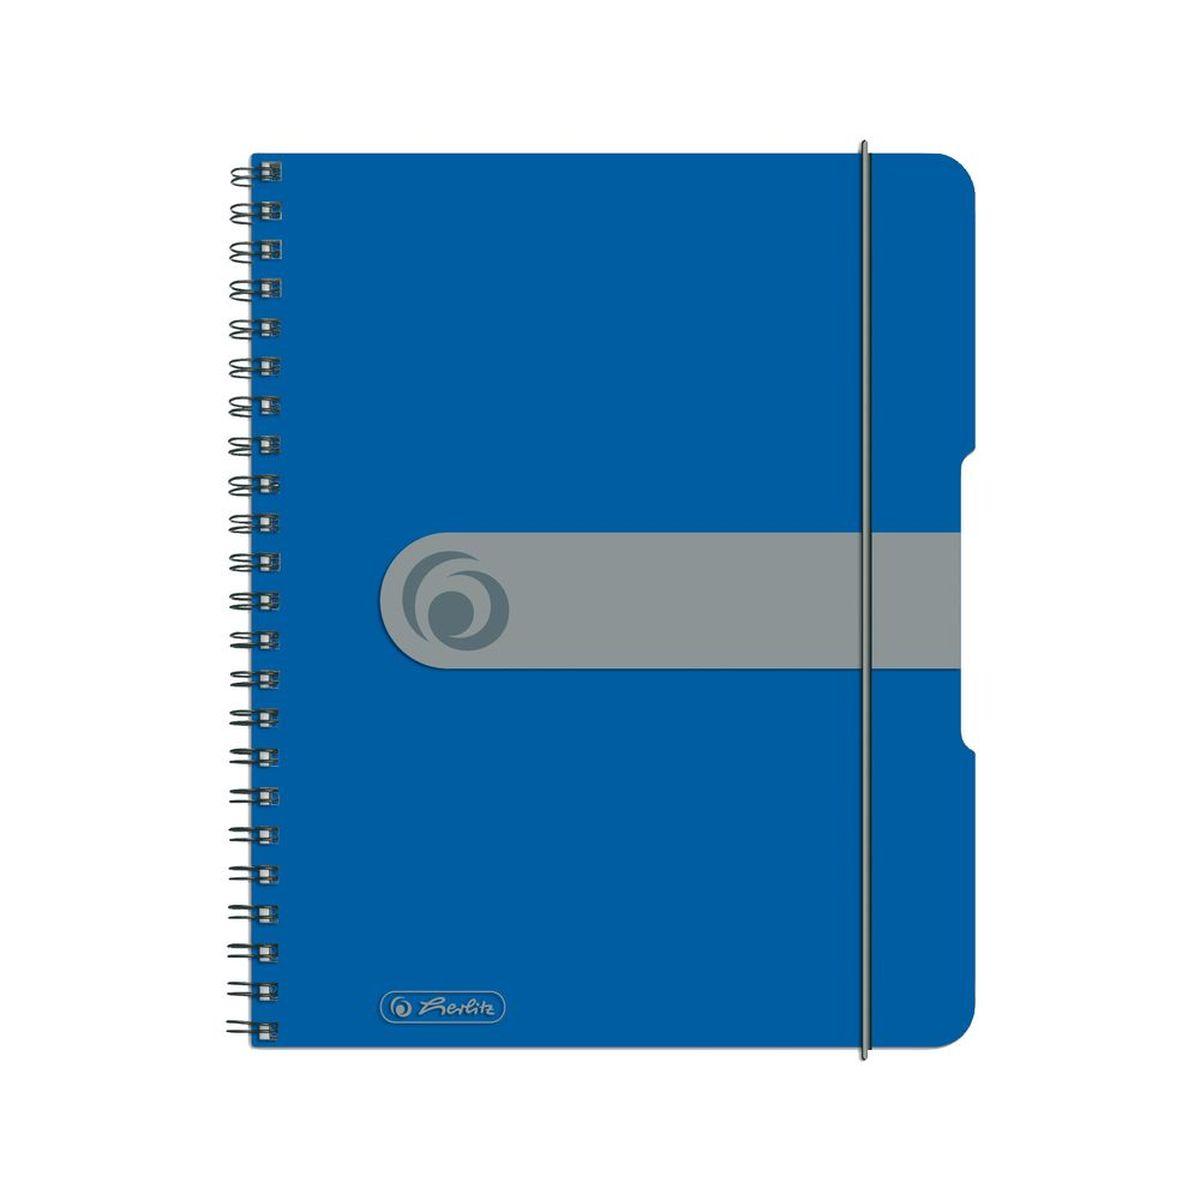 Herlitz Блокнот Easy Orga To Go 80 листов в клетку формат А5 цвет синий блокнот серия natural формат а5 140 стр темно бордовый в клетку